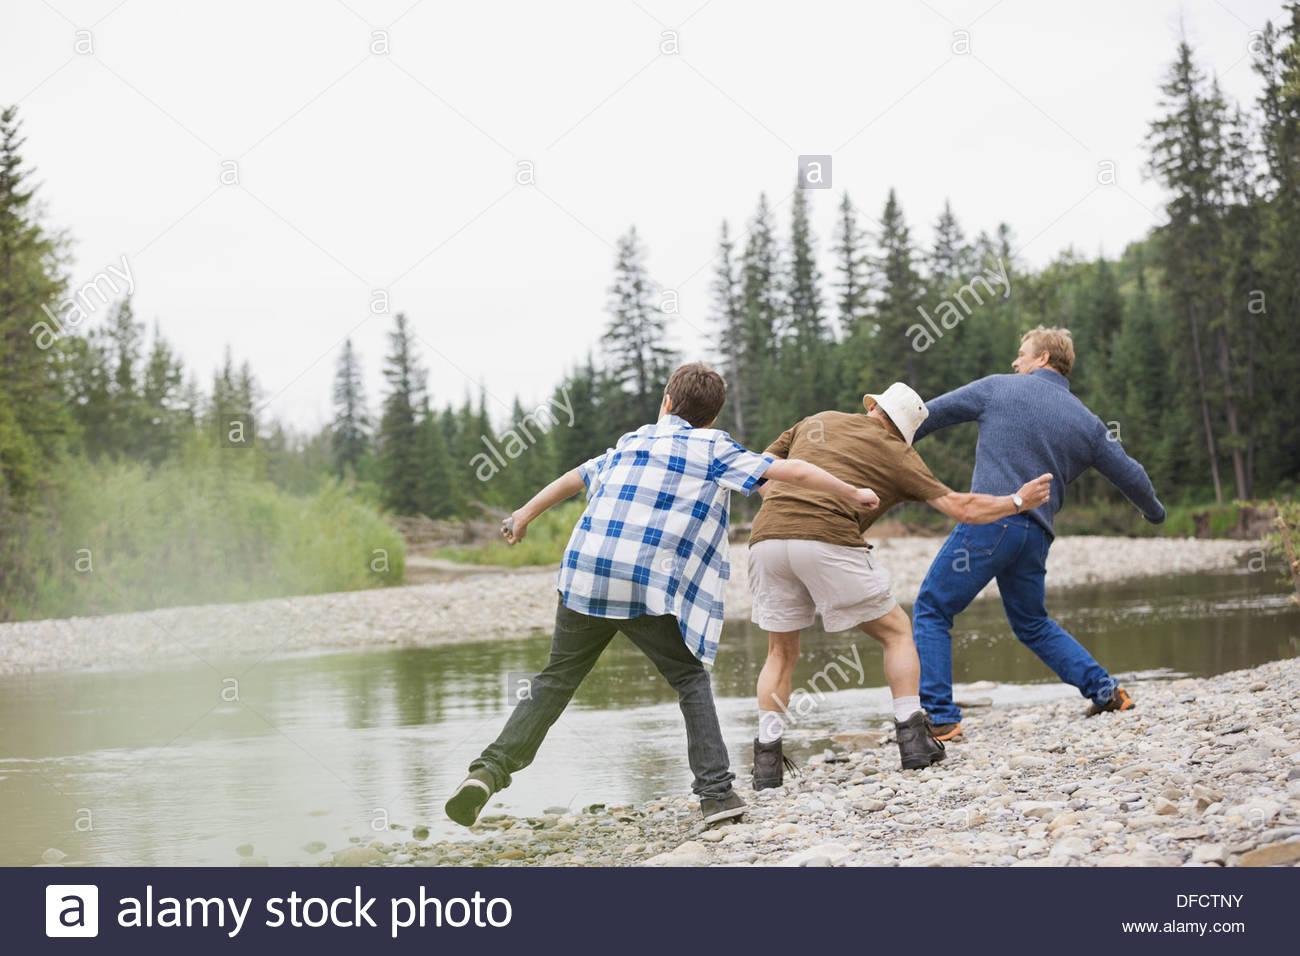 Les membres masculins de la famille des roches à sauter sur une rivière Photo Stock